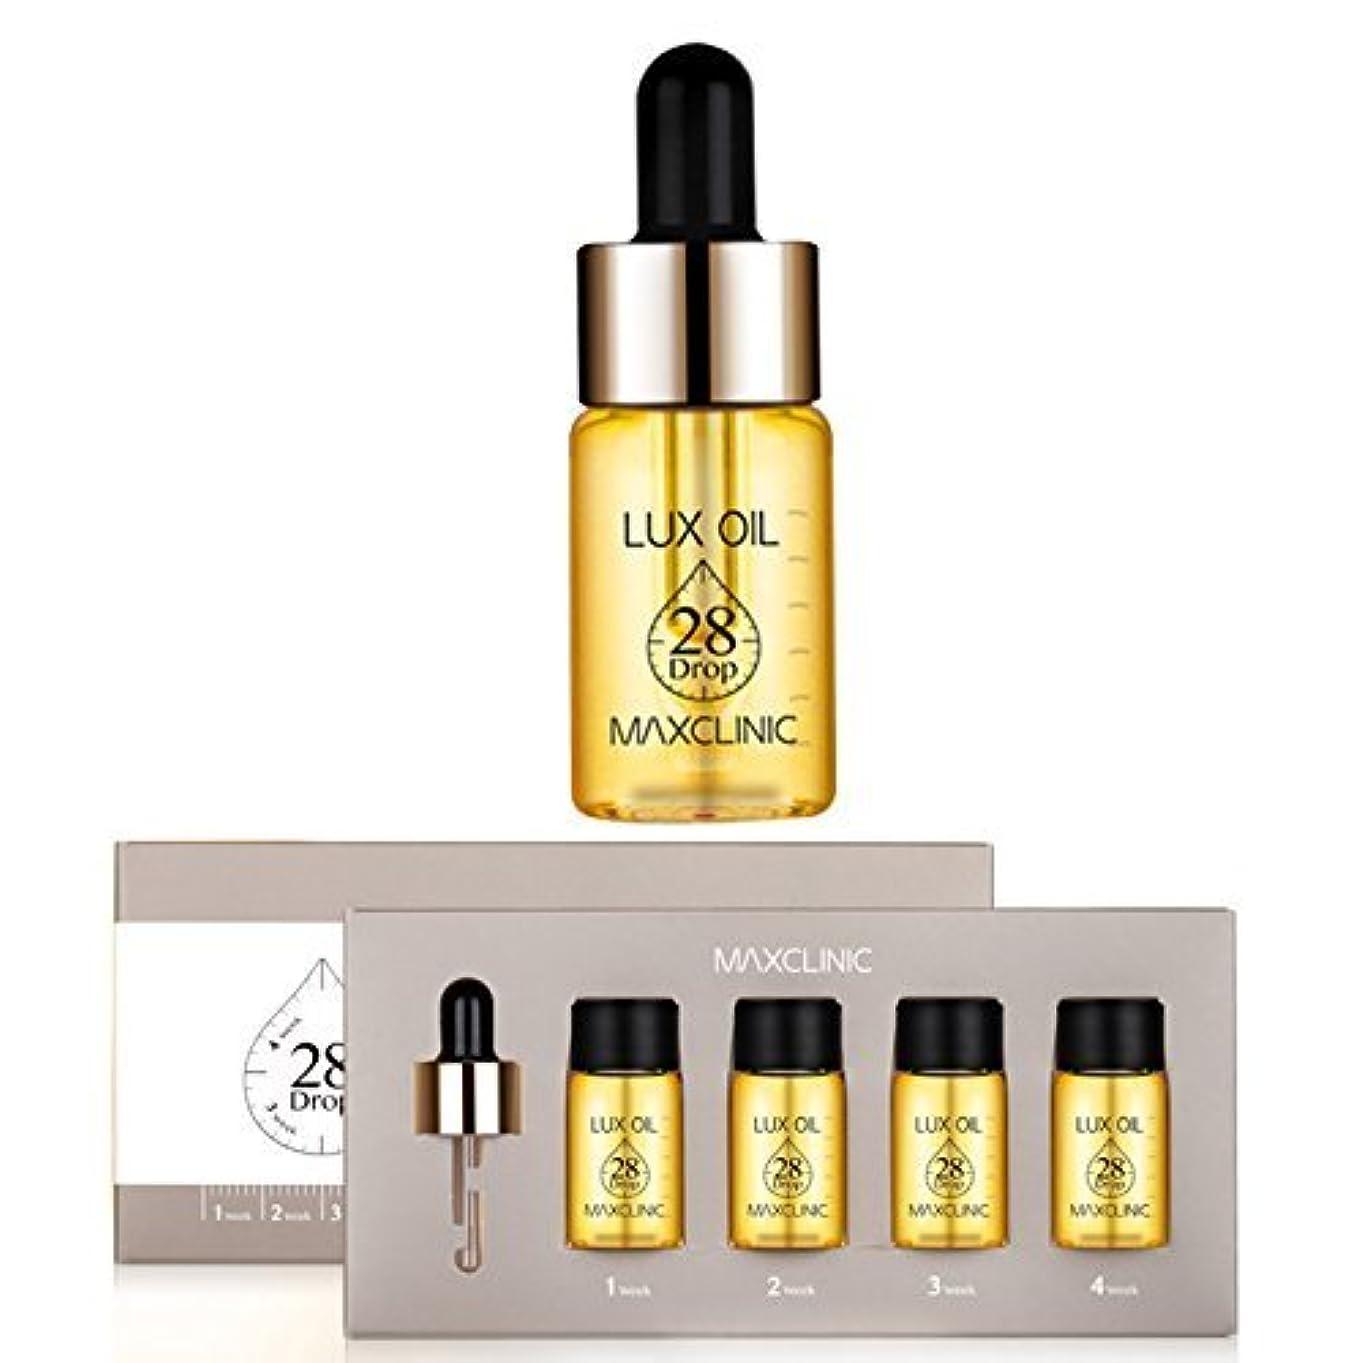 石炭生態学スペルマックスクリニック[韓国コスメMaxclinic]Lux Oil 28 Drop,Luxury spa oil ampoules ラックスオイル28ドロップ、ラグジュアリースパオイルアンプル10mlX4個 [並行輸入品]